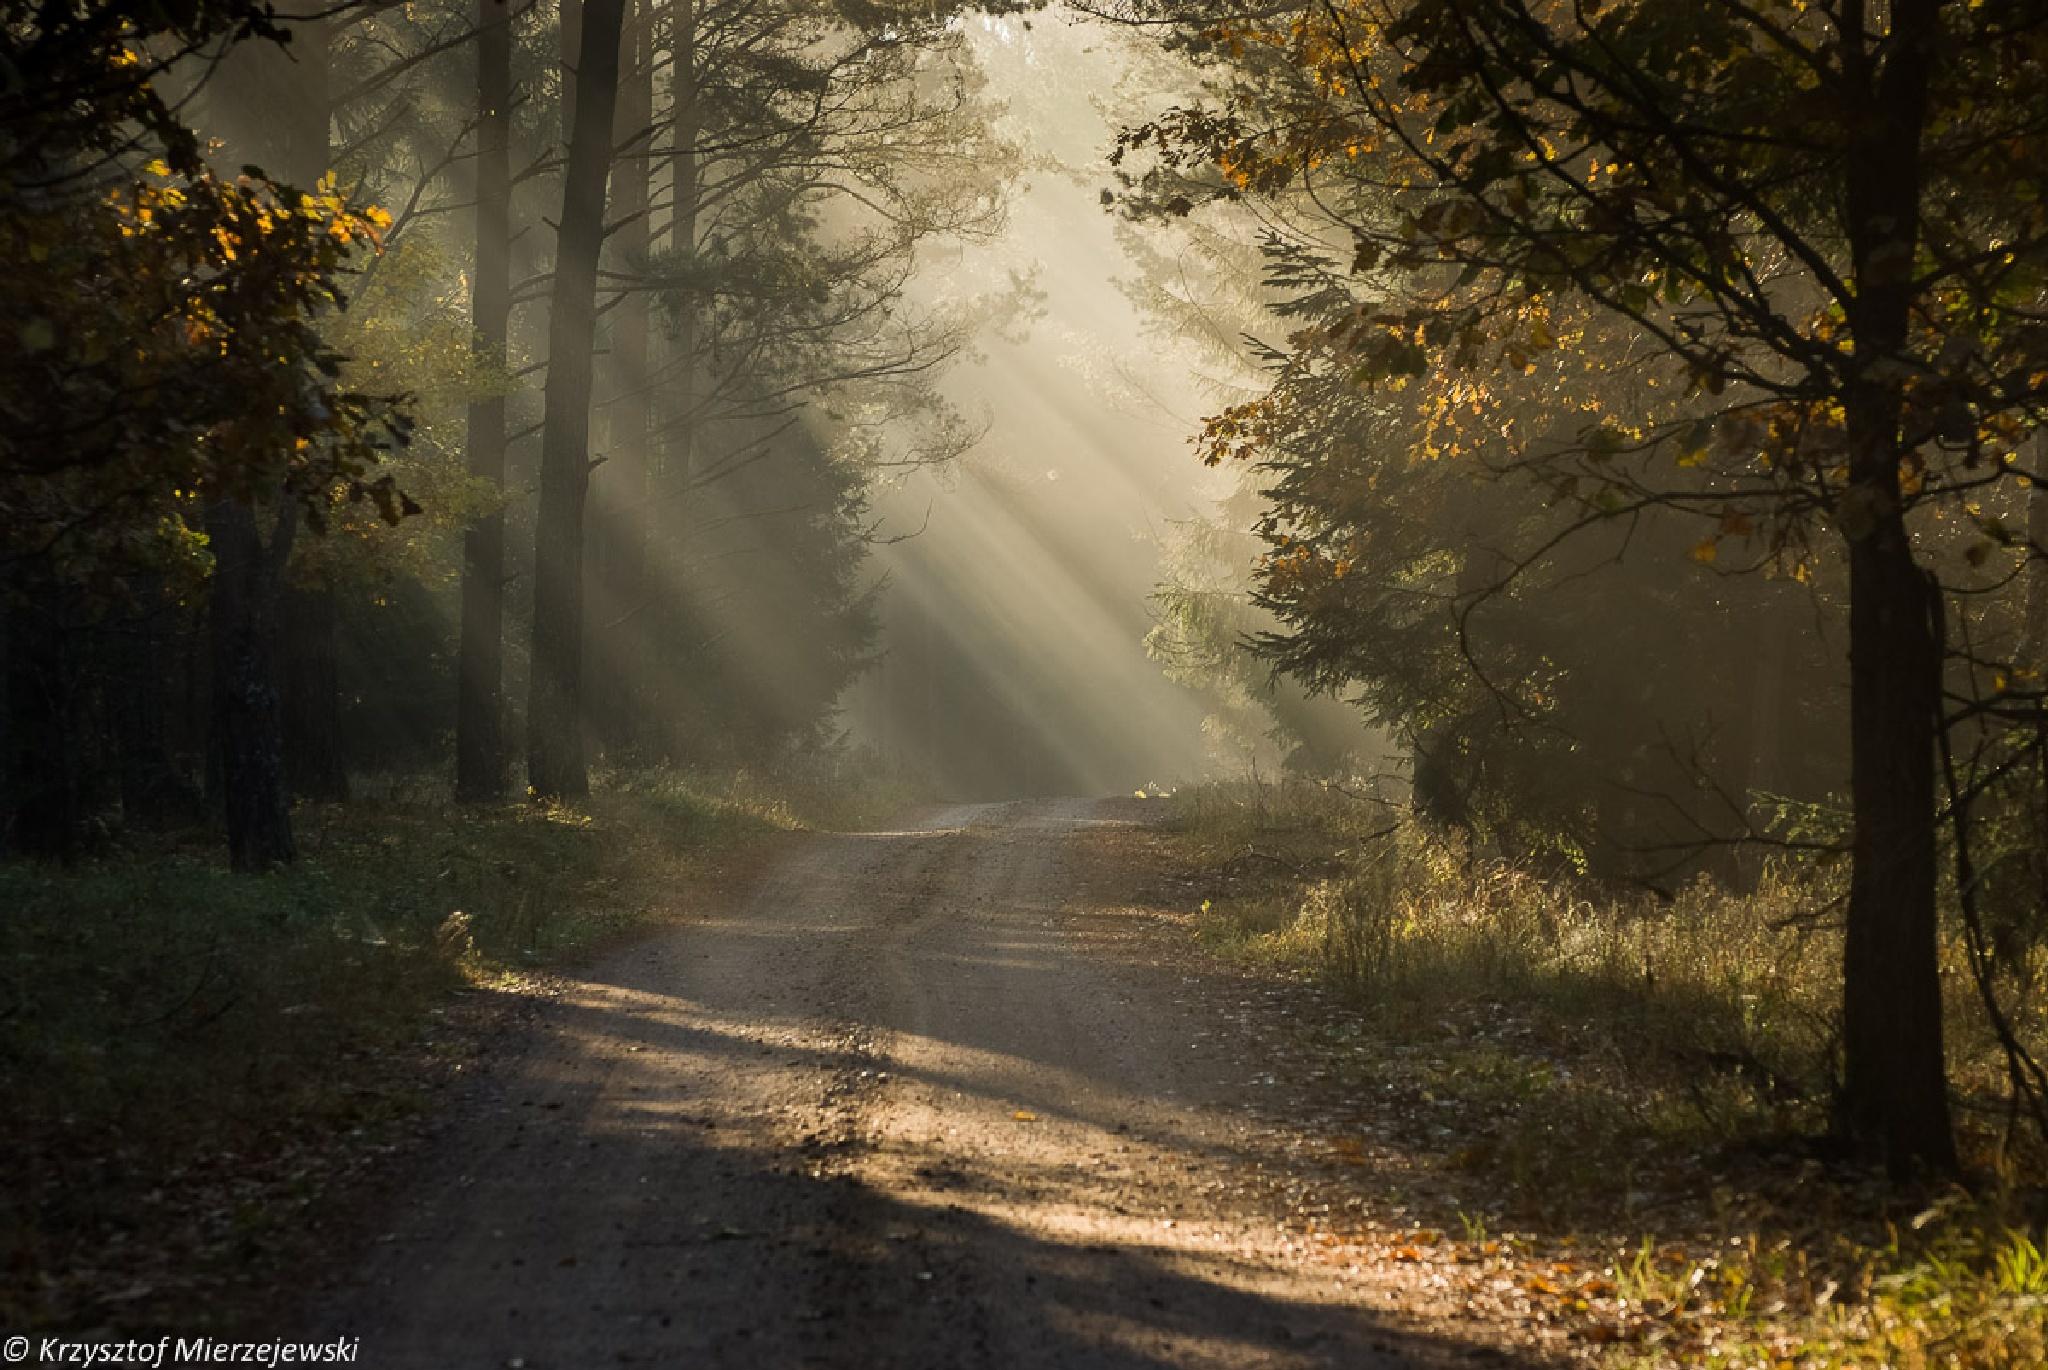 Forest light by Krzysztof Mierzejewski